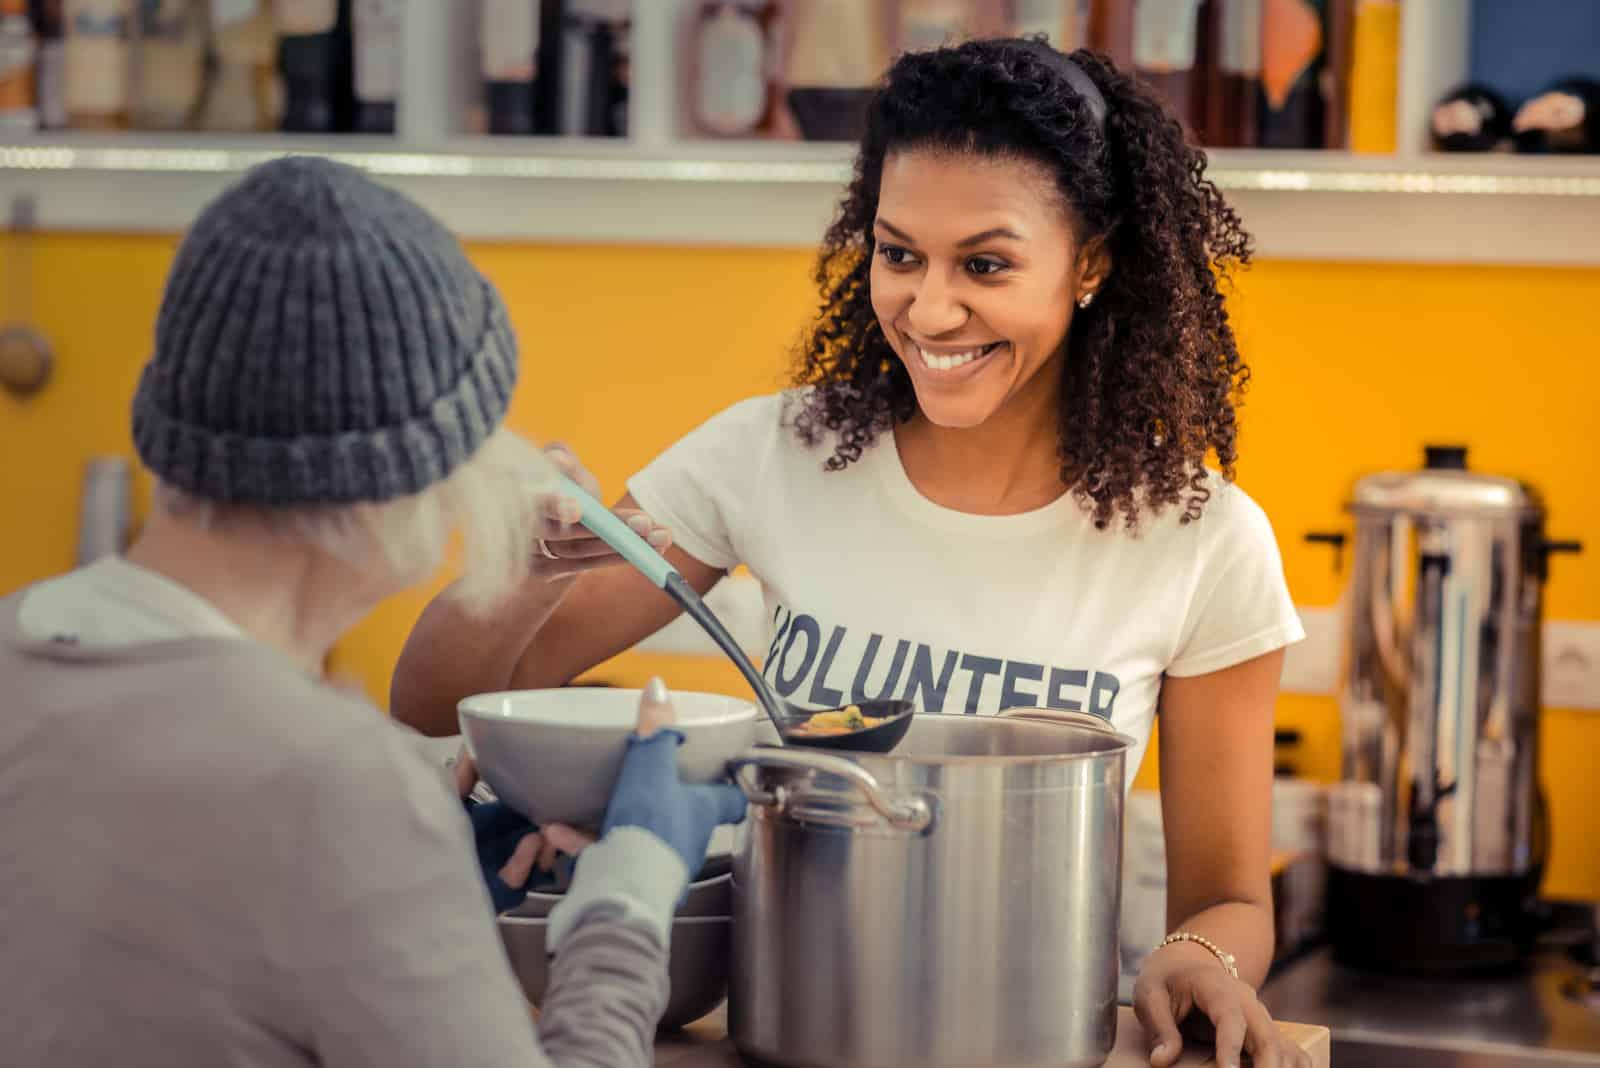 freundliche Frau, die während der Freiwilligenarbeit lächelt